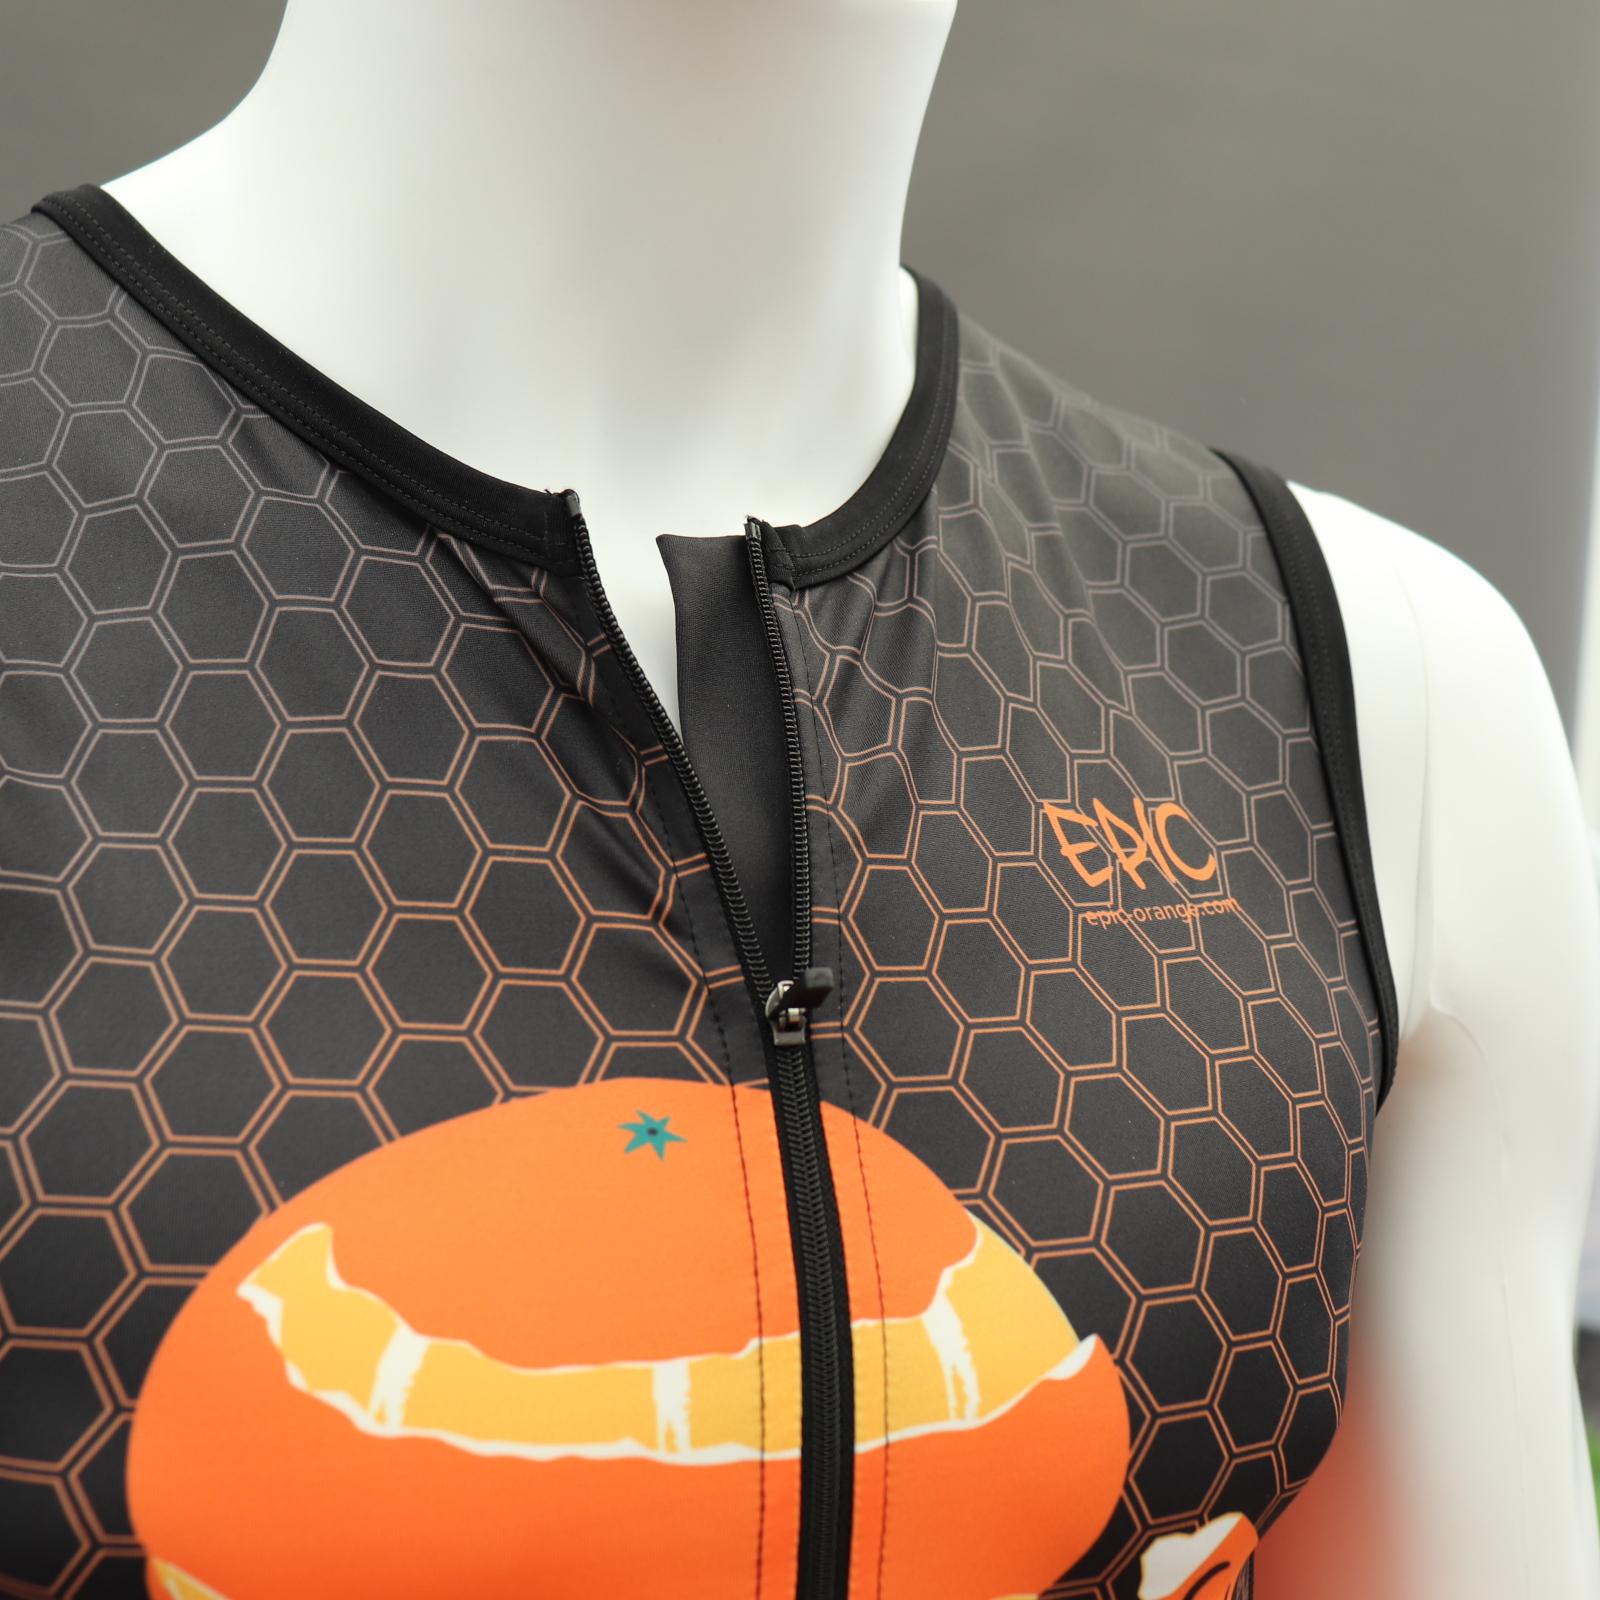 Endurance Tri Suit - Front Zip with comfort zip flap.